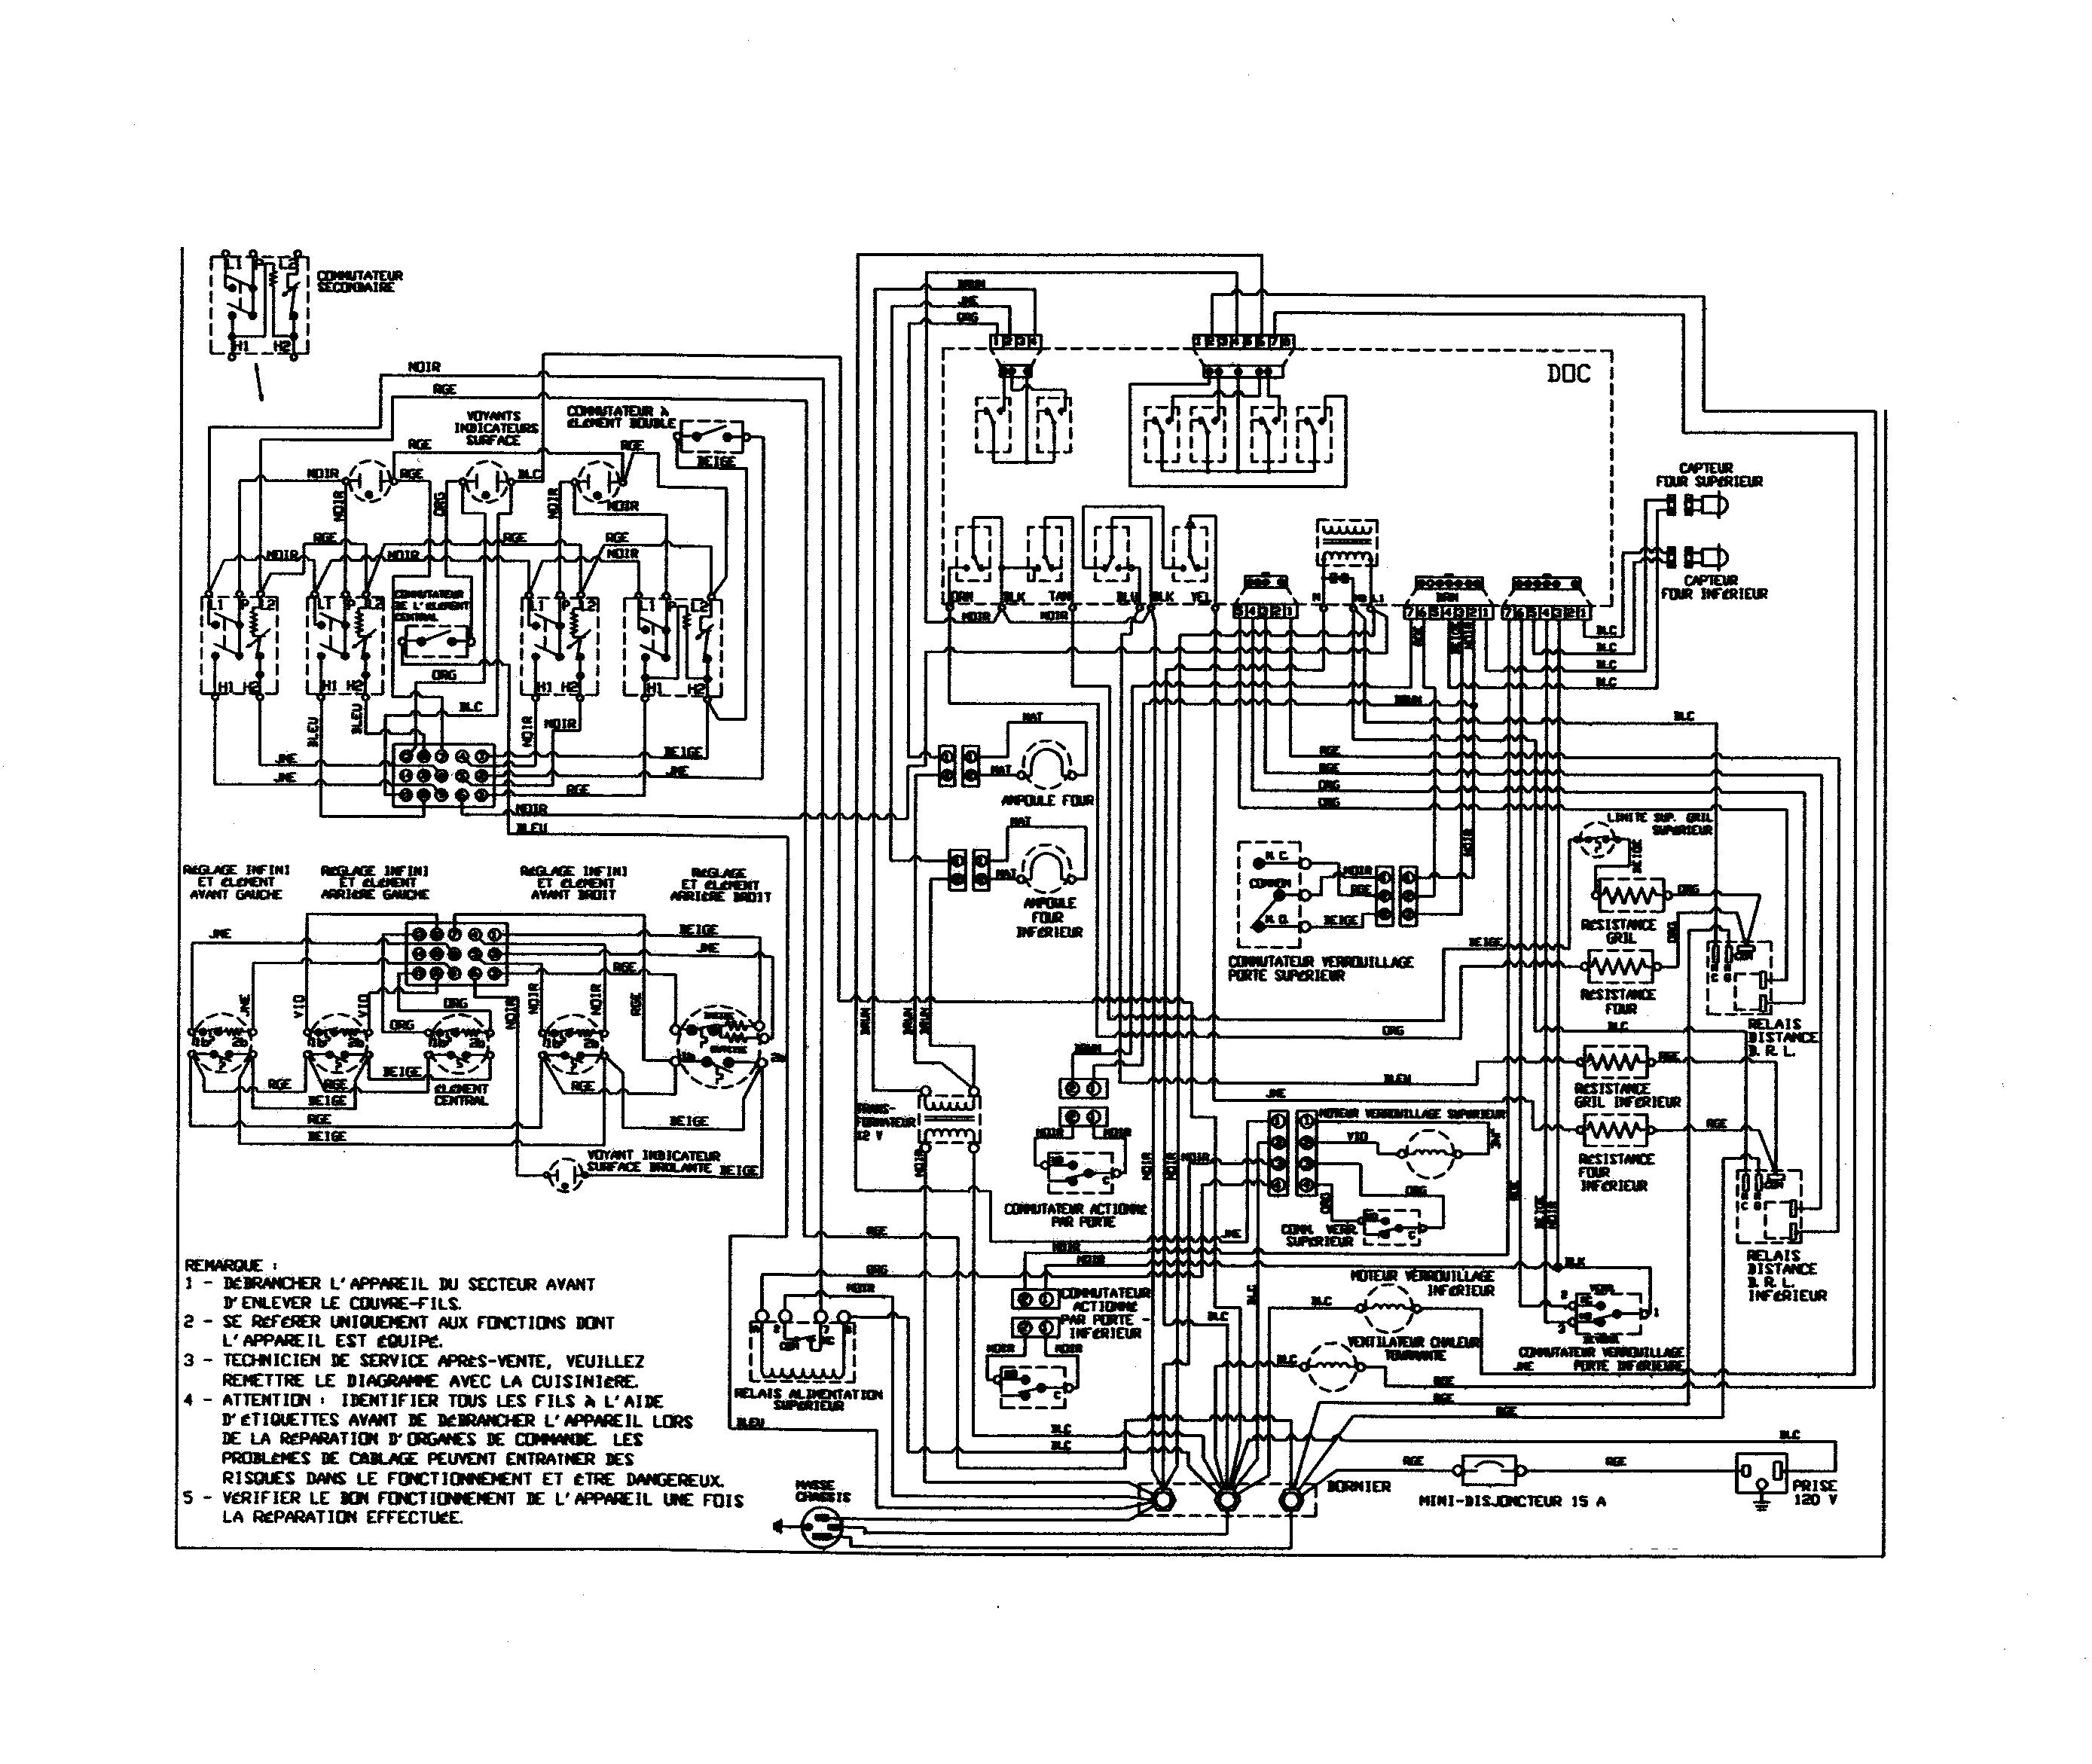 John Deere 320 Skid Steer Hand Controls Wiring Diagram On Add – John Deere 320 Skid Steer Wiring Diagram